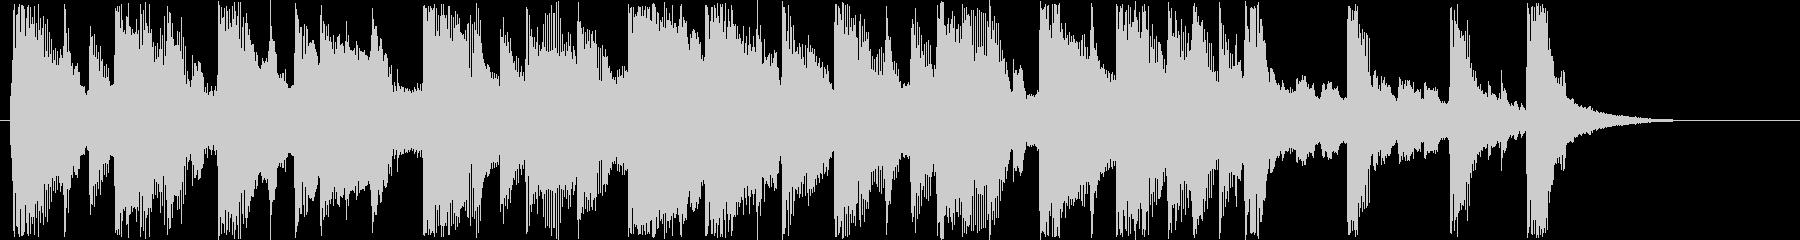 明るいシンセサウンド短めの未再生の波形